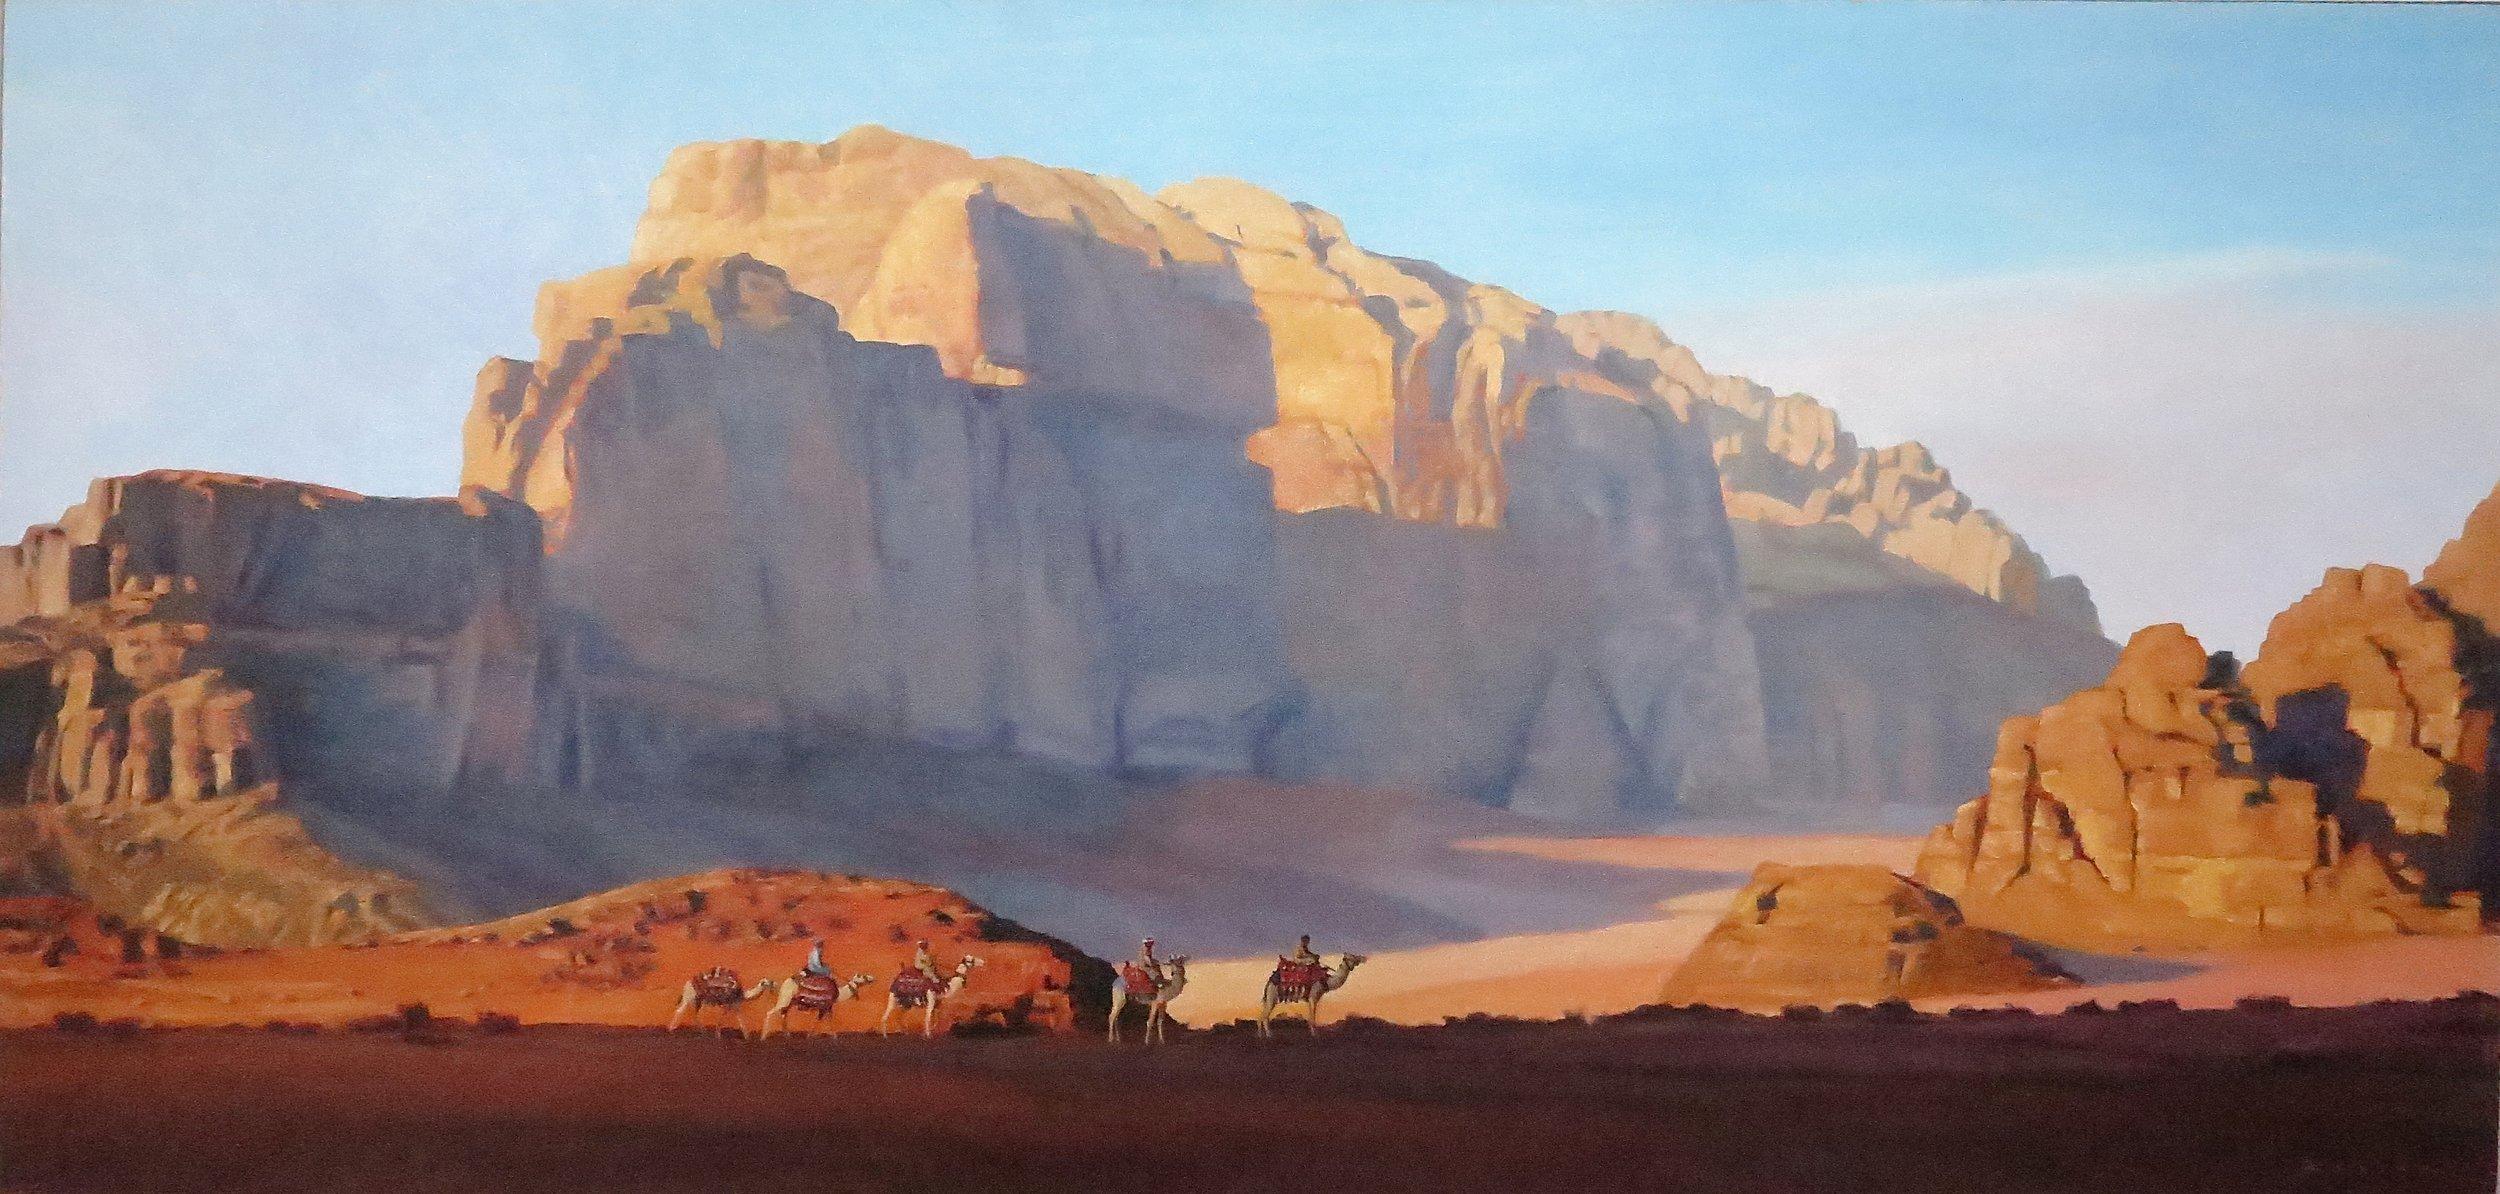 Wadi Rum 2/Jordan, 23 x 43, oil